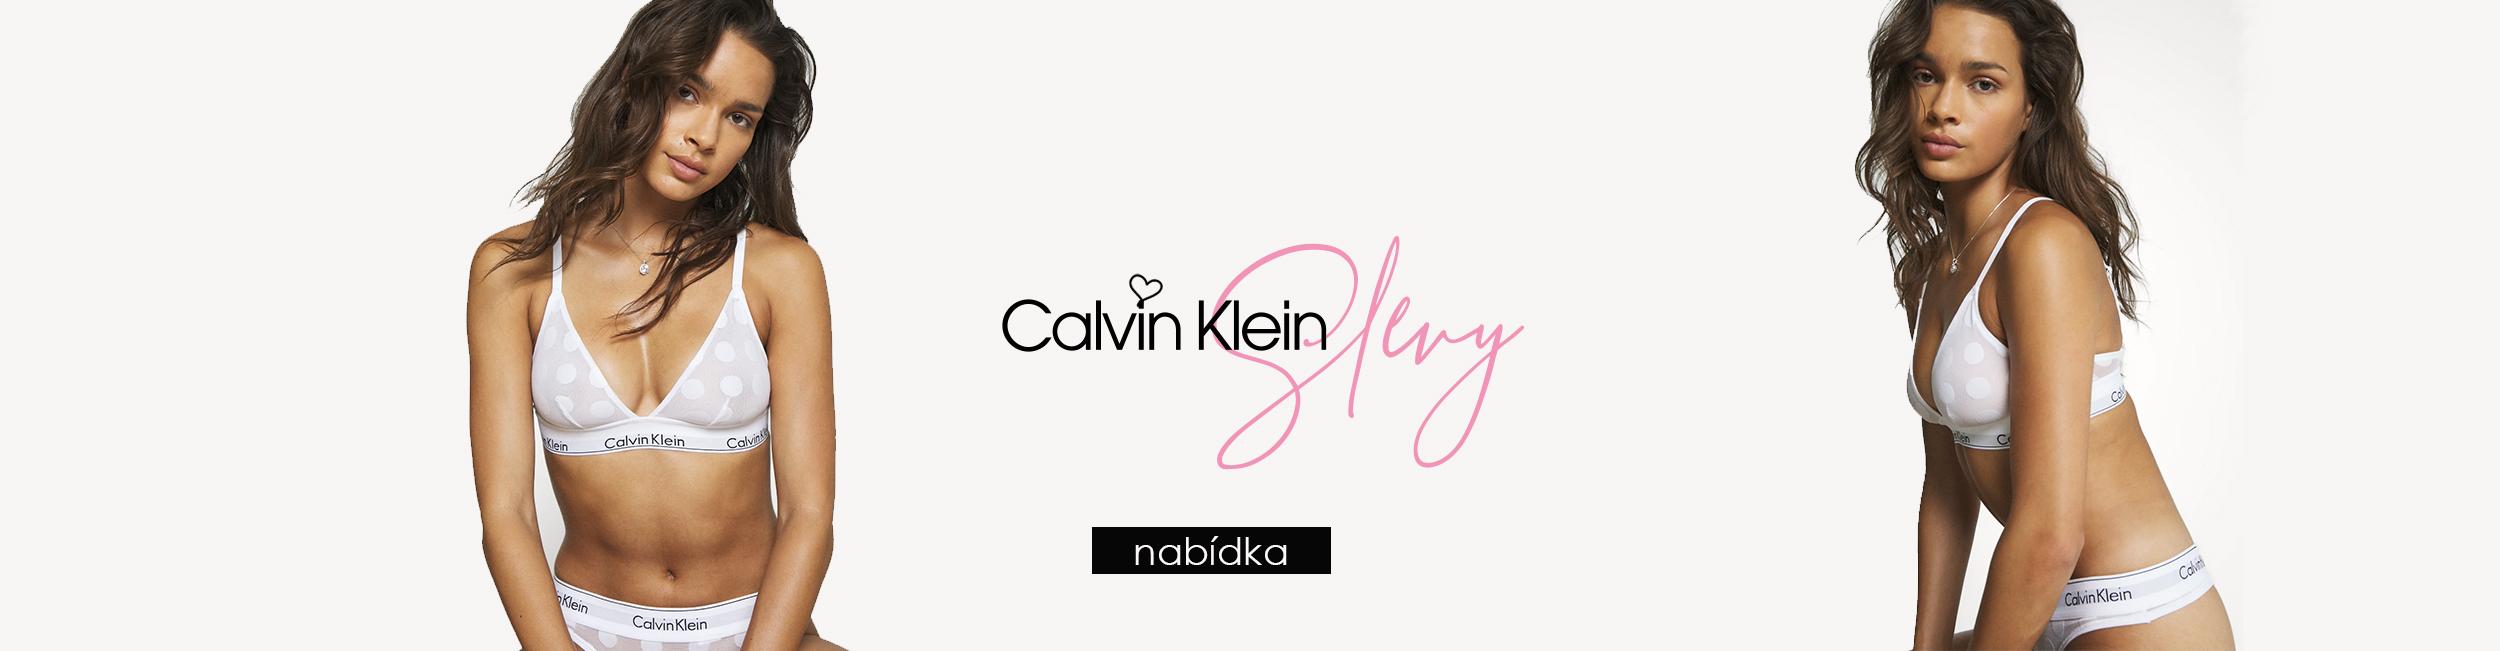 Letní slevy Calvin Klein spodní prádlo